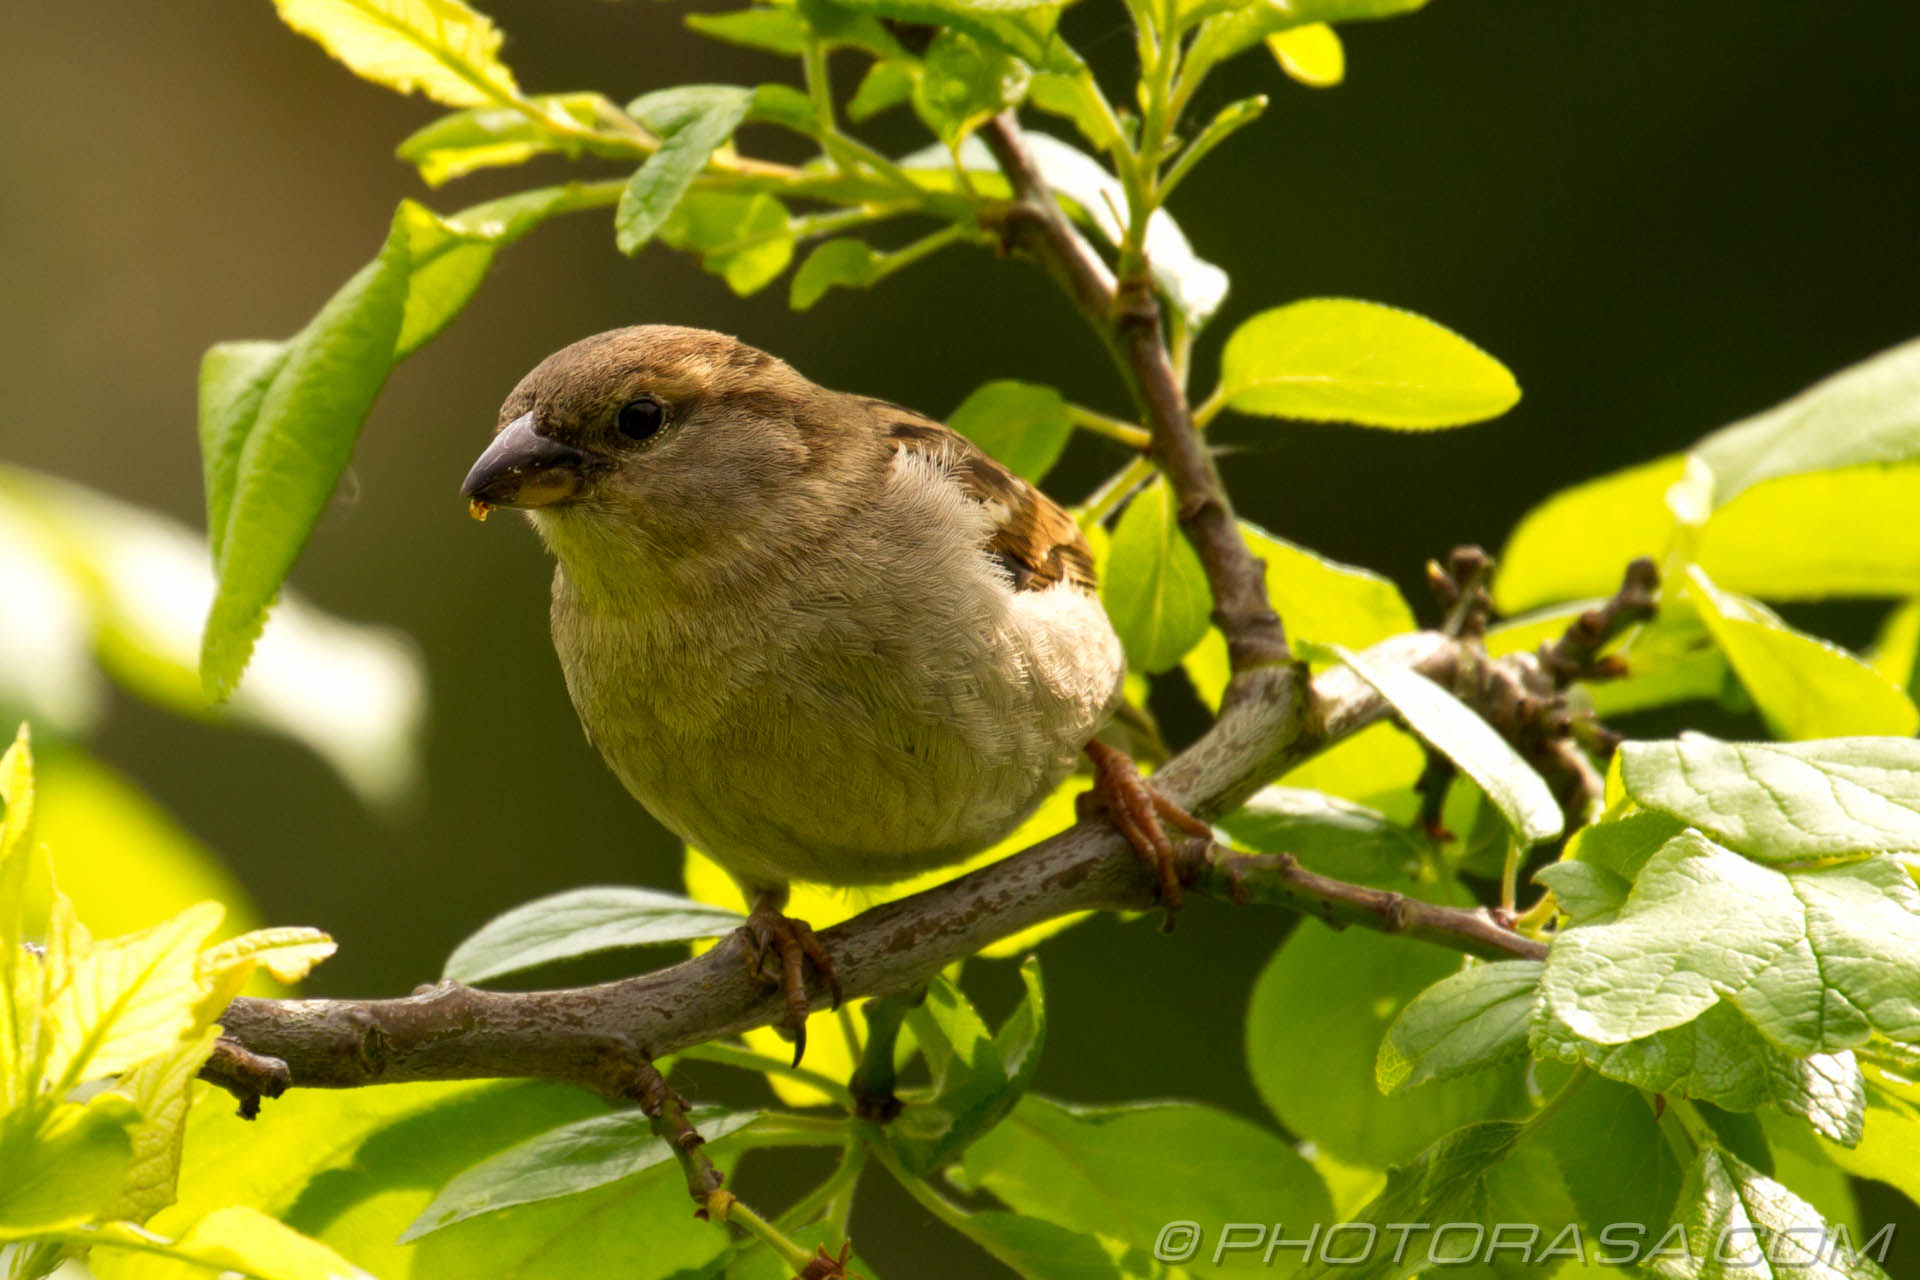 http://photorasa.com/sparrows/sparrow/